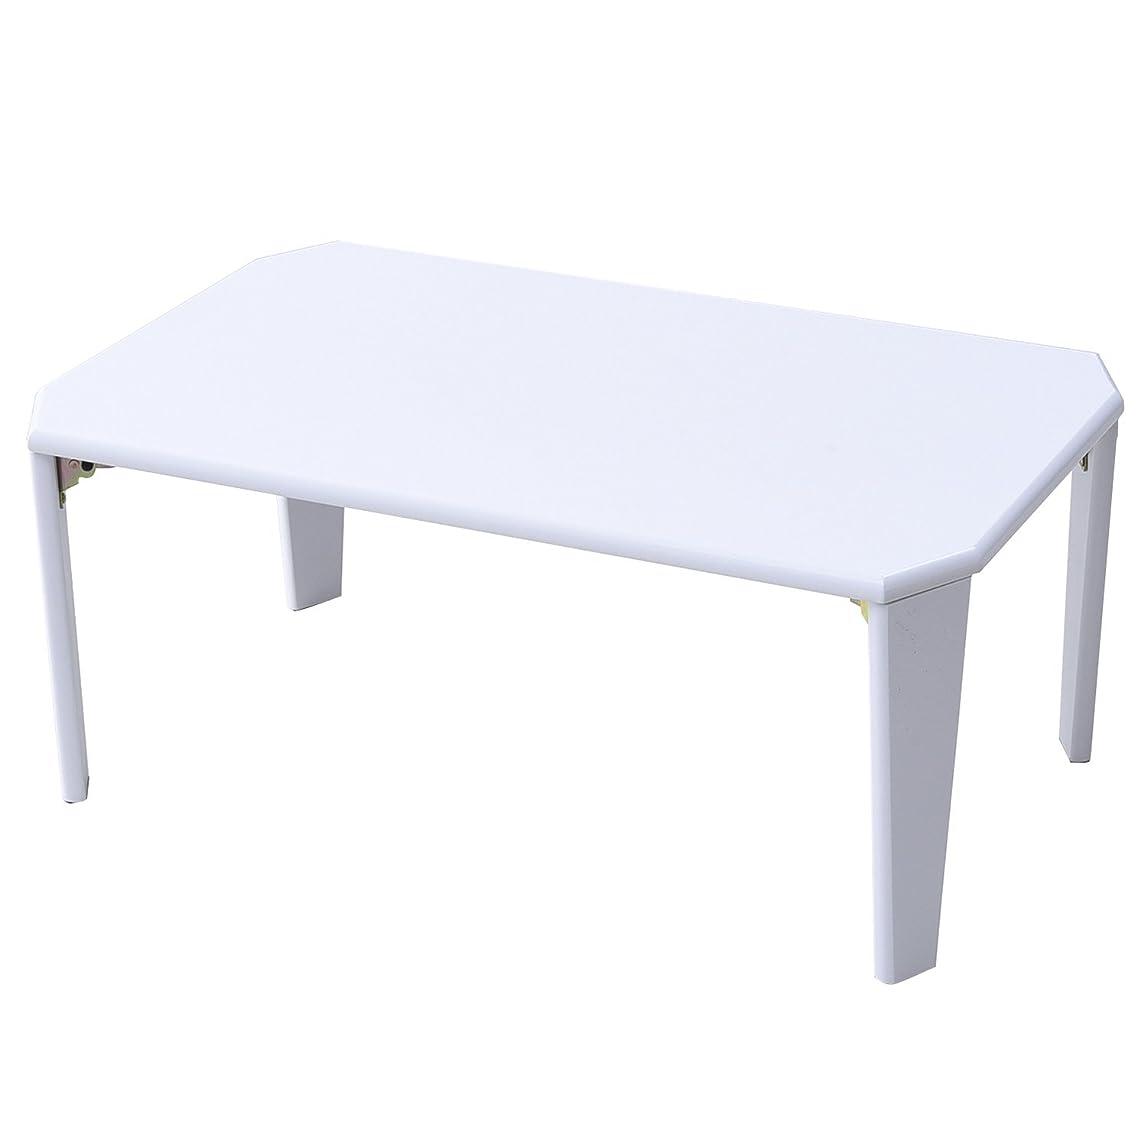 染色スポーツの試合を担当している人どれ山善(YAMAZEN)?ローテーブル 75×50 ホワイト 折れ脚 完成品 簡単仕様?TWL-7550(WH)